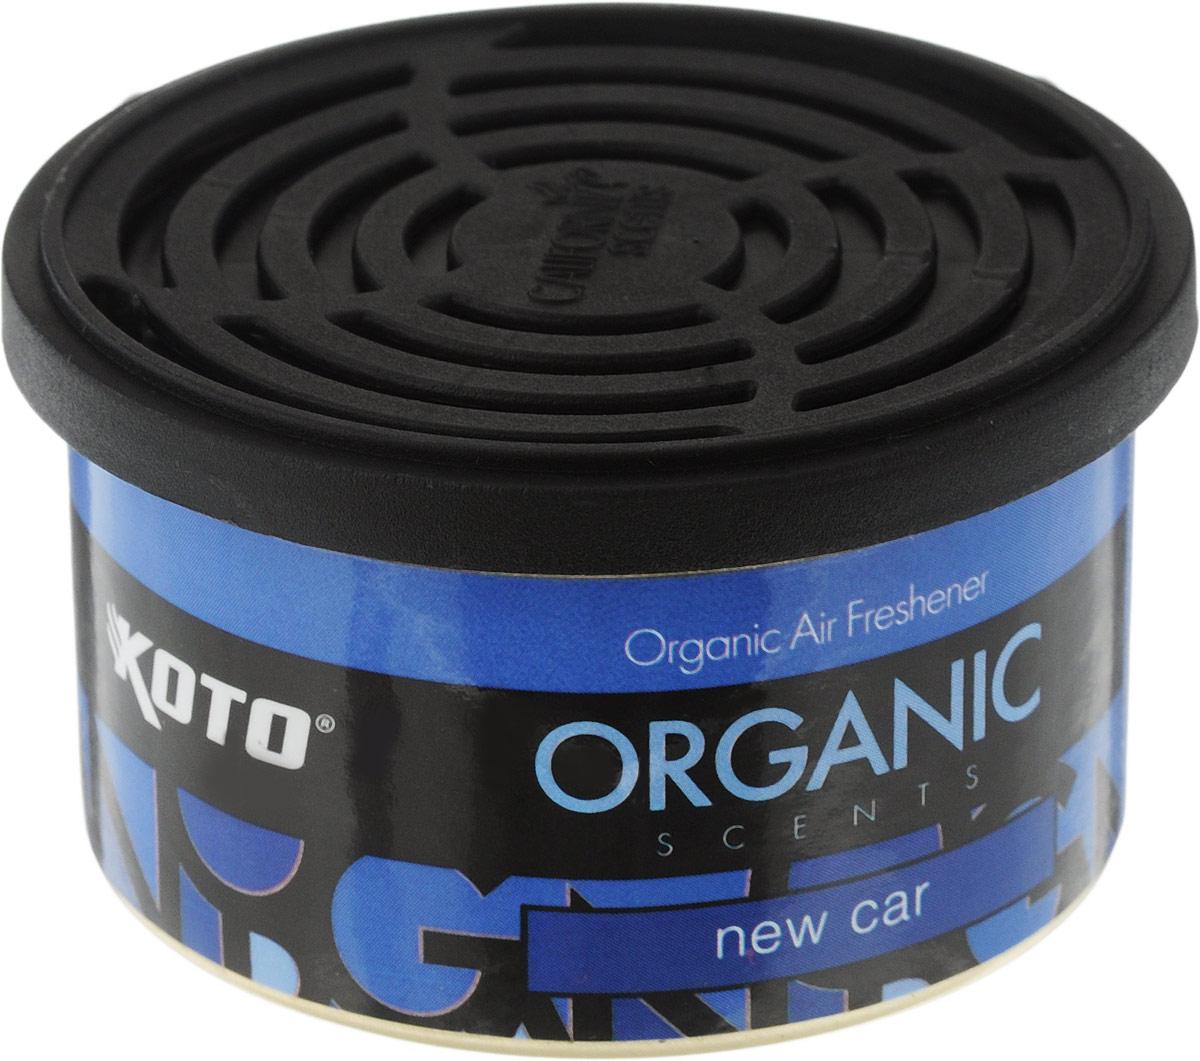 Ароматизатор автомобильный Koto Organic, новая машинаCA-3505Автомобильный ароматизатор Koto Organic эффективно устраняет неприятные запахи и придает приятный аромат новой машины.Внутри - органический наполнитель, который не растекается и не вредит окружающей среде. Ароматизатор имеет удобную крышку-регулятор, так что интенсивность аромата вы сможете настроить сами. Стойкий аромат держится около 60 дней. Ароматизатор может быть расположен как на приборной панели, так и под сиденьем автомобиля.Товар сертифицирован.